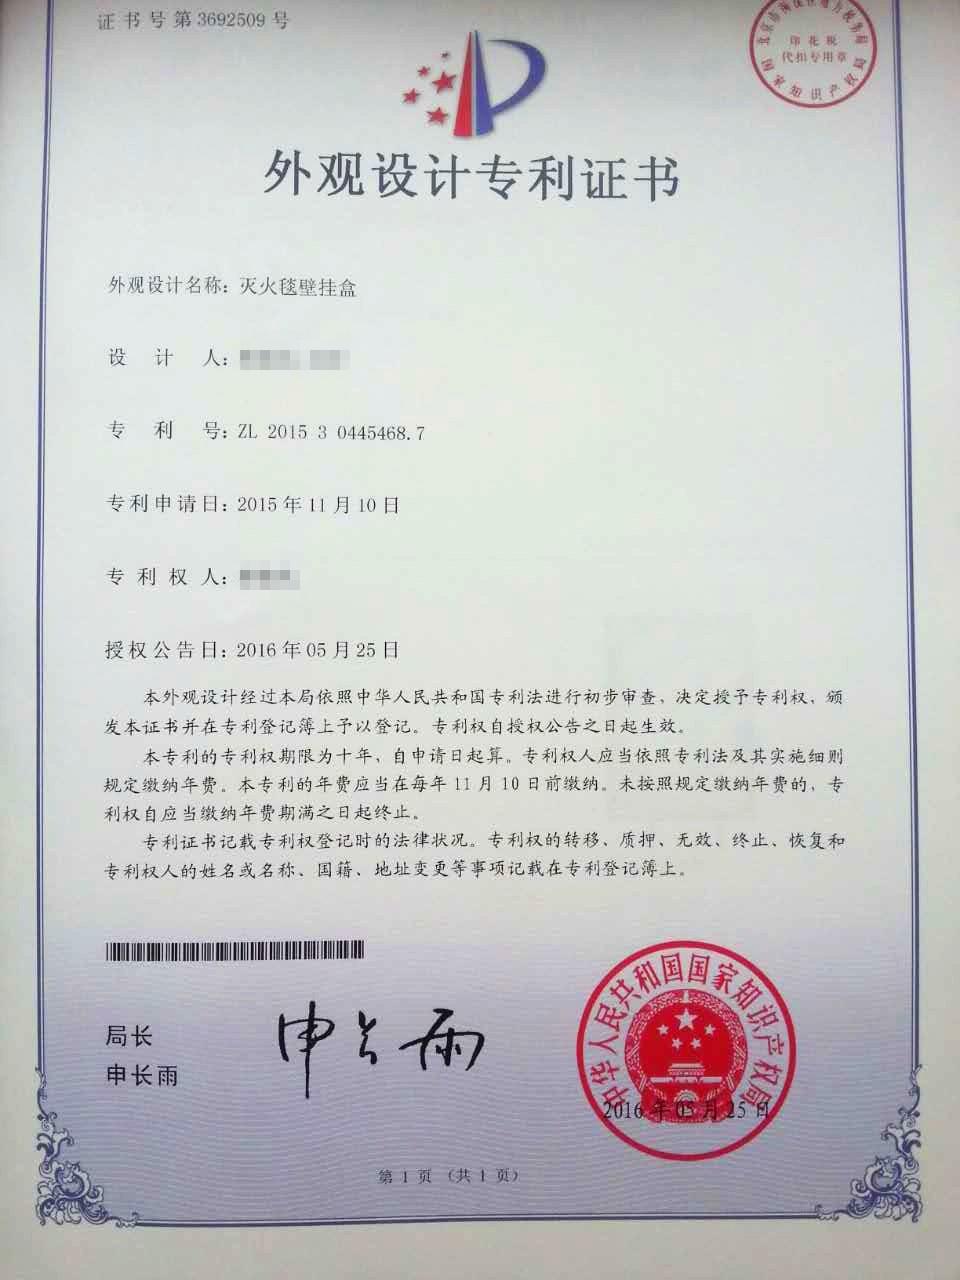 灭火毯壁挂盒外观设计专利证书